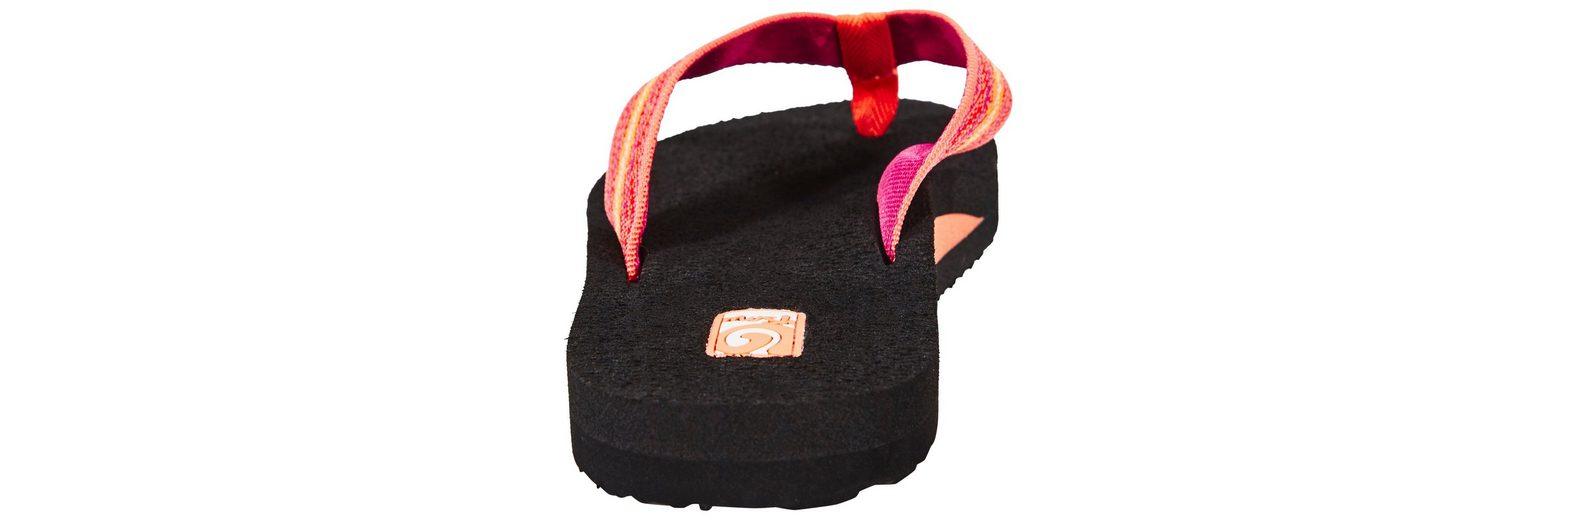 2018 Neu Zu Verkaufen Verkauf Niedriger Versand Teva Sandale Mush 2 Sandals Women Zoey Coral Gefälschte Online Billig Verkauf Erkunden Billige Wahl 9Jj7F